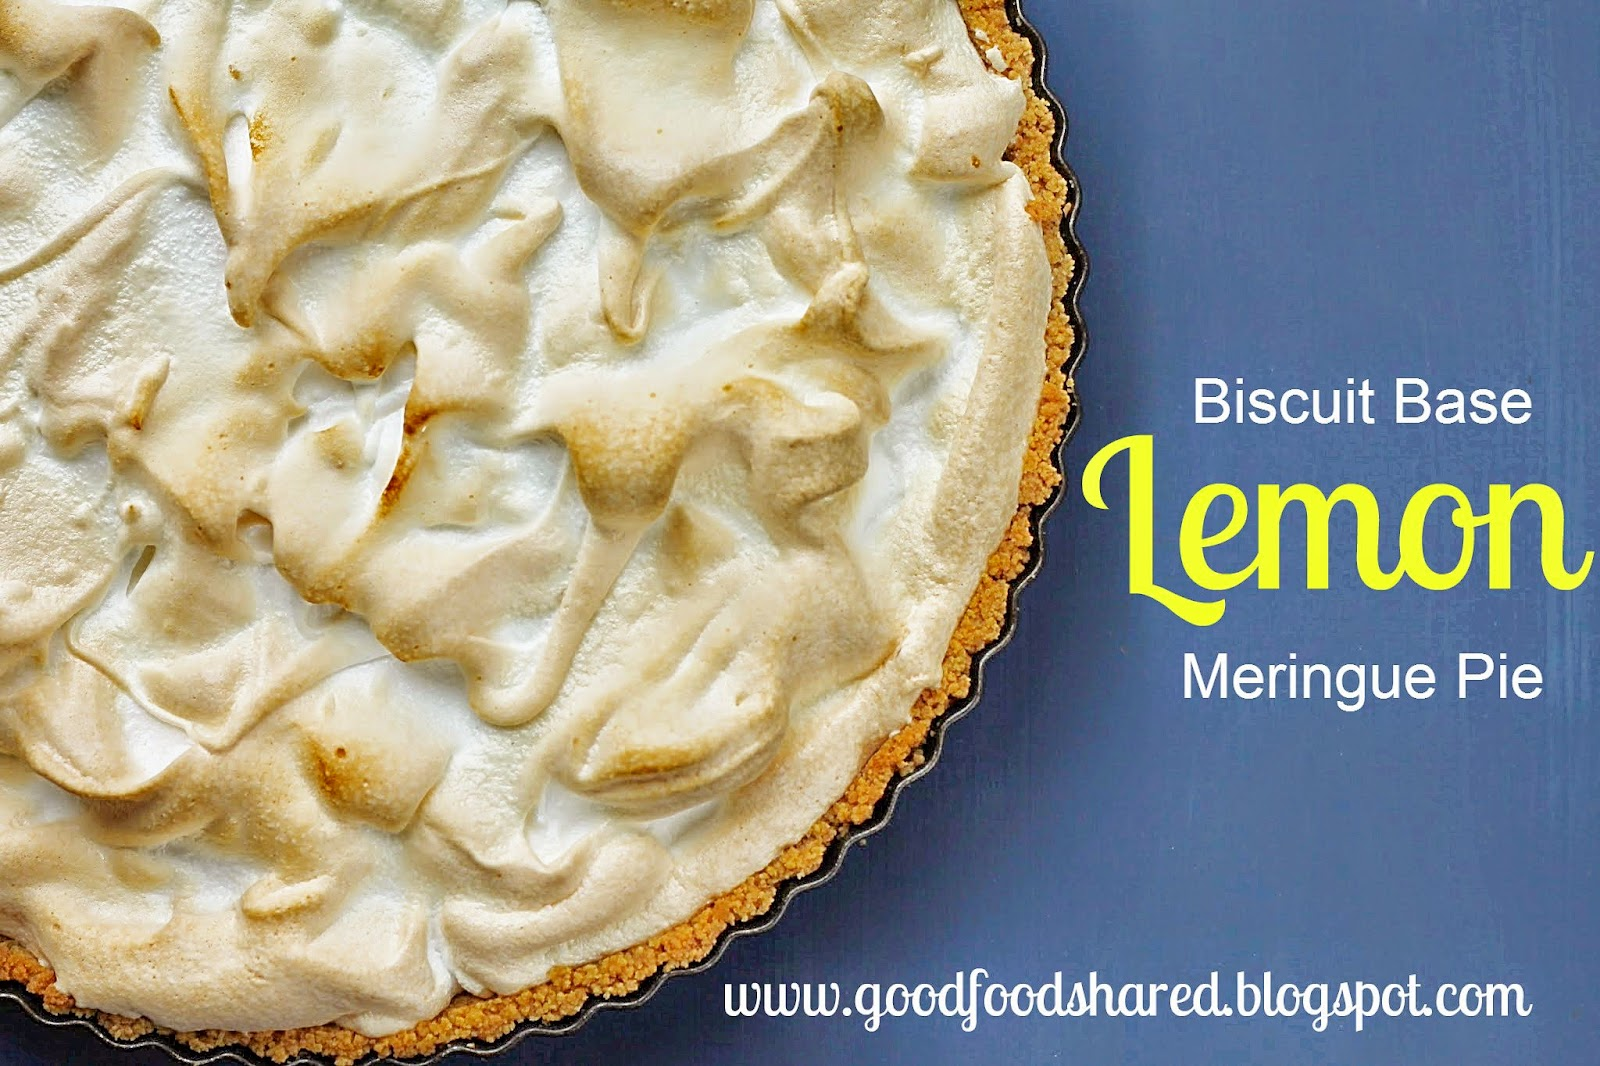 with biscuit bottom Lemon meringue